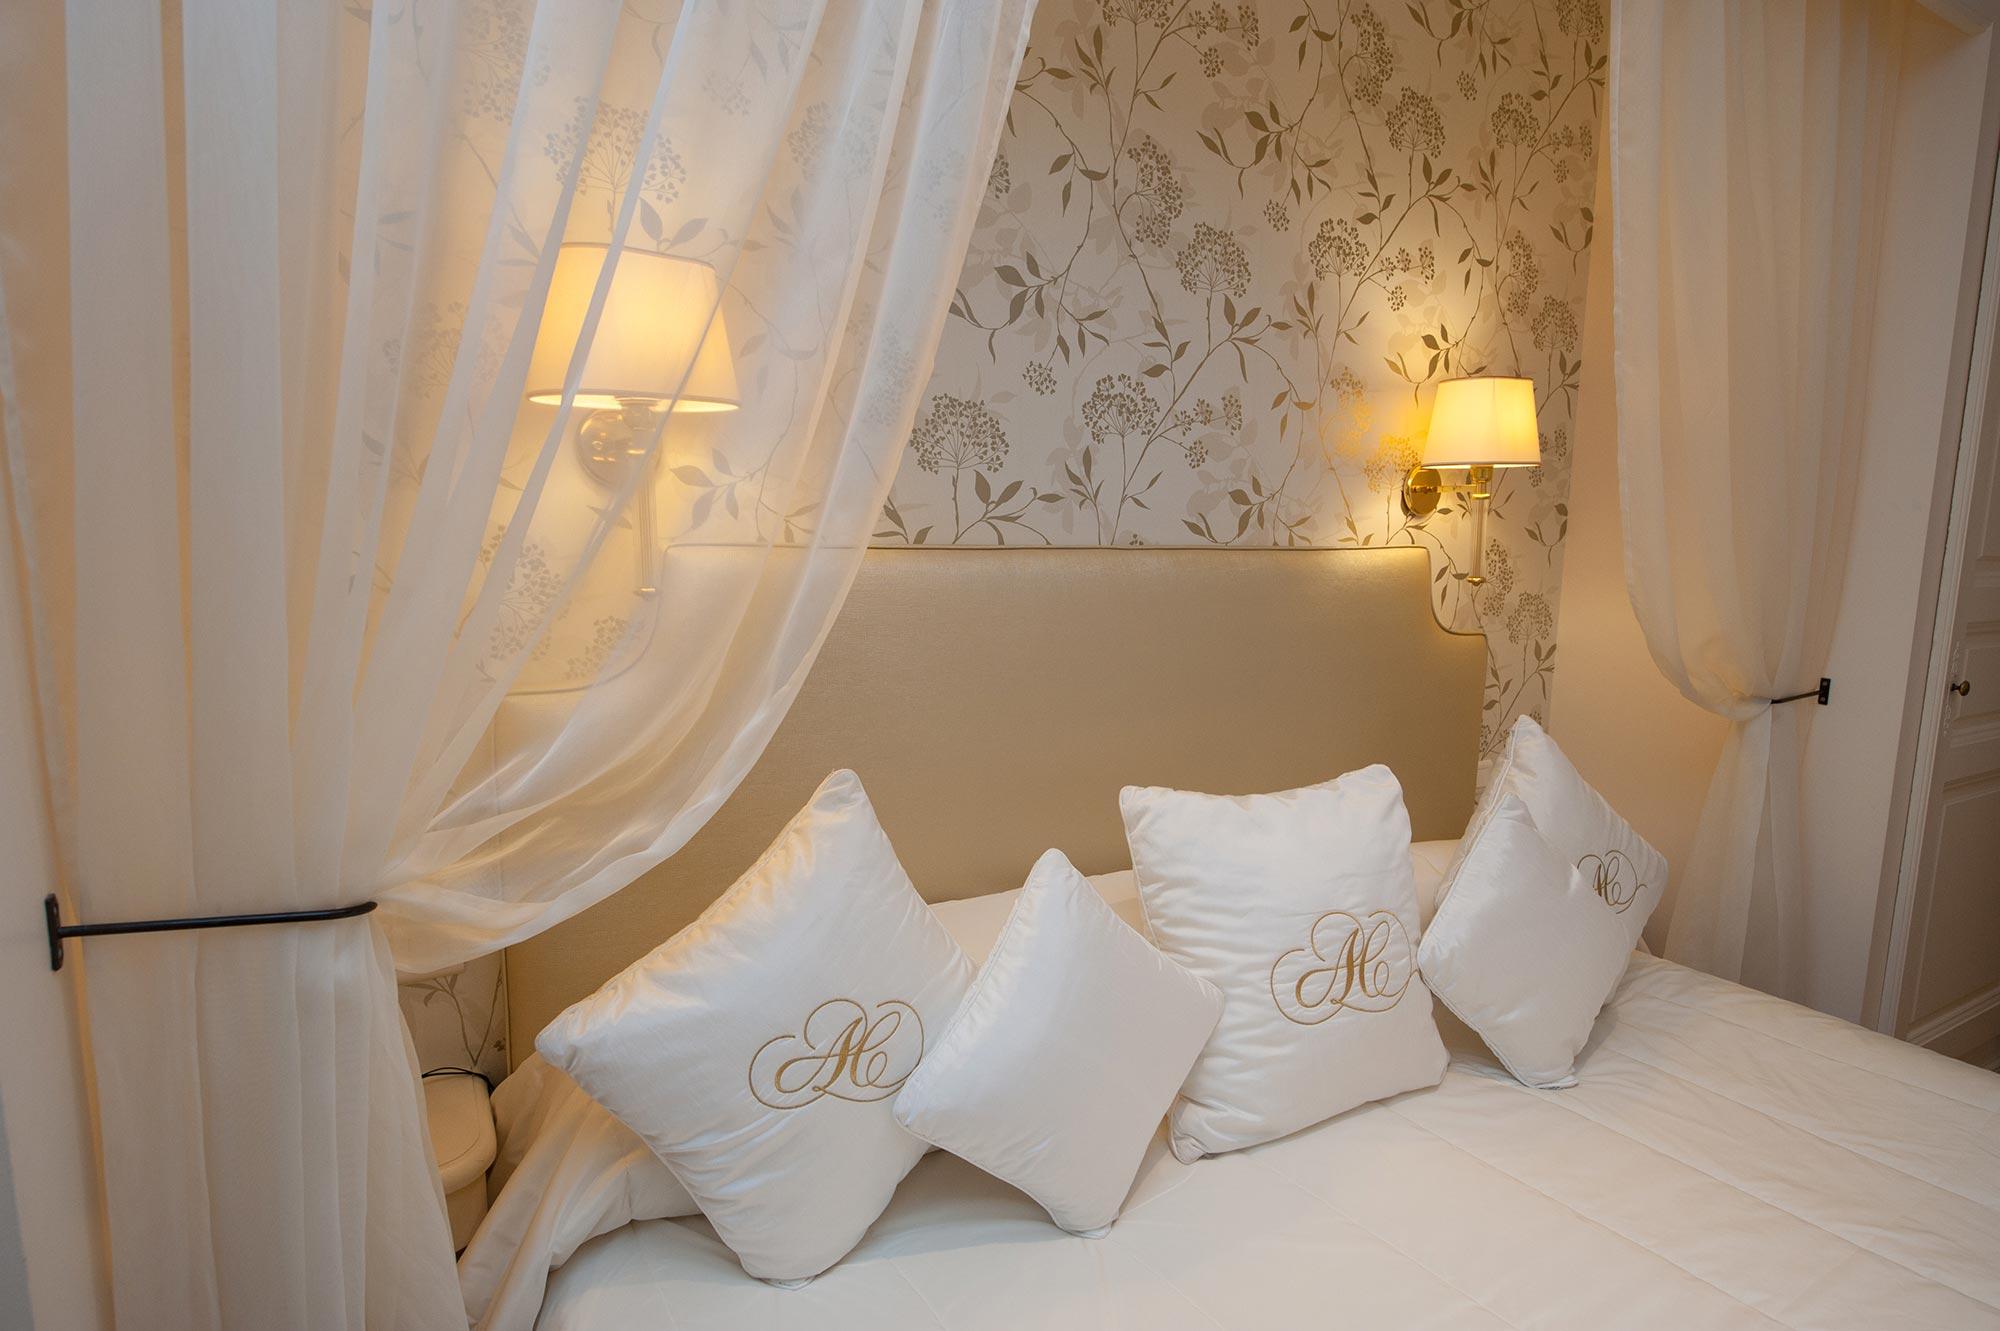 Détail déo sur une tête de lit avec ciel de lit, coussin brodés AC et deux appliques